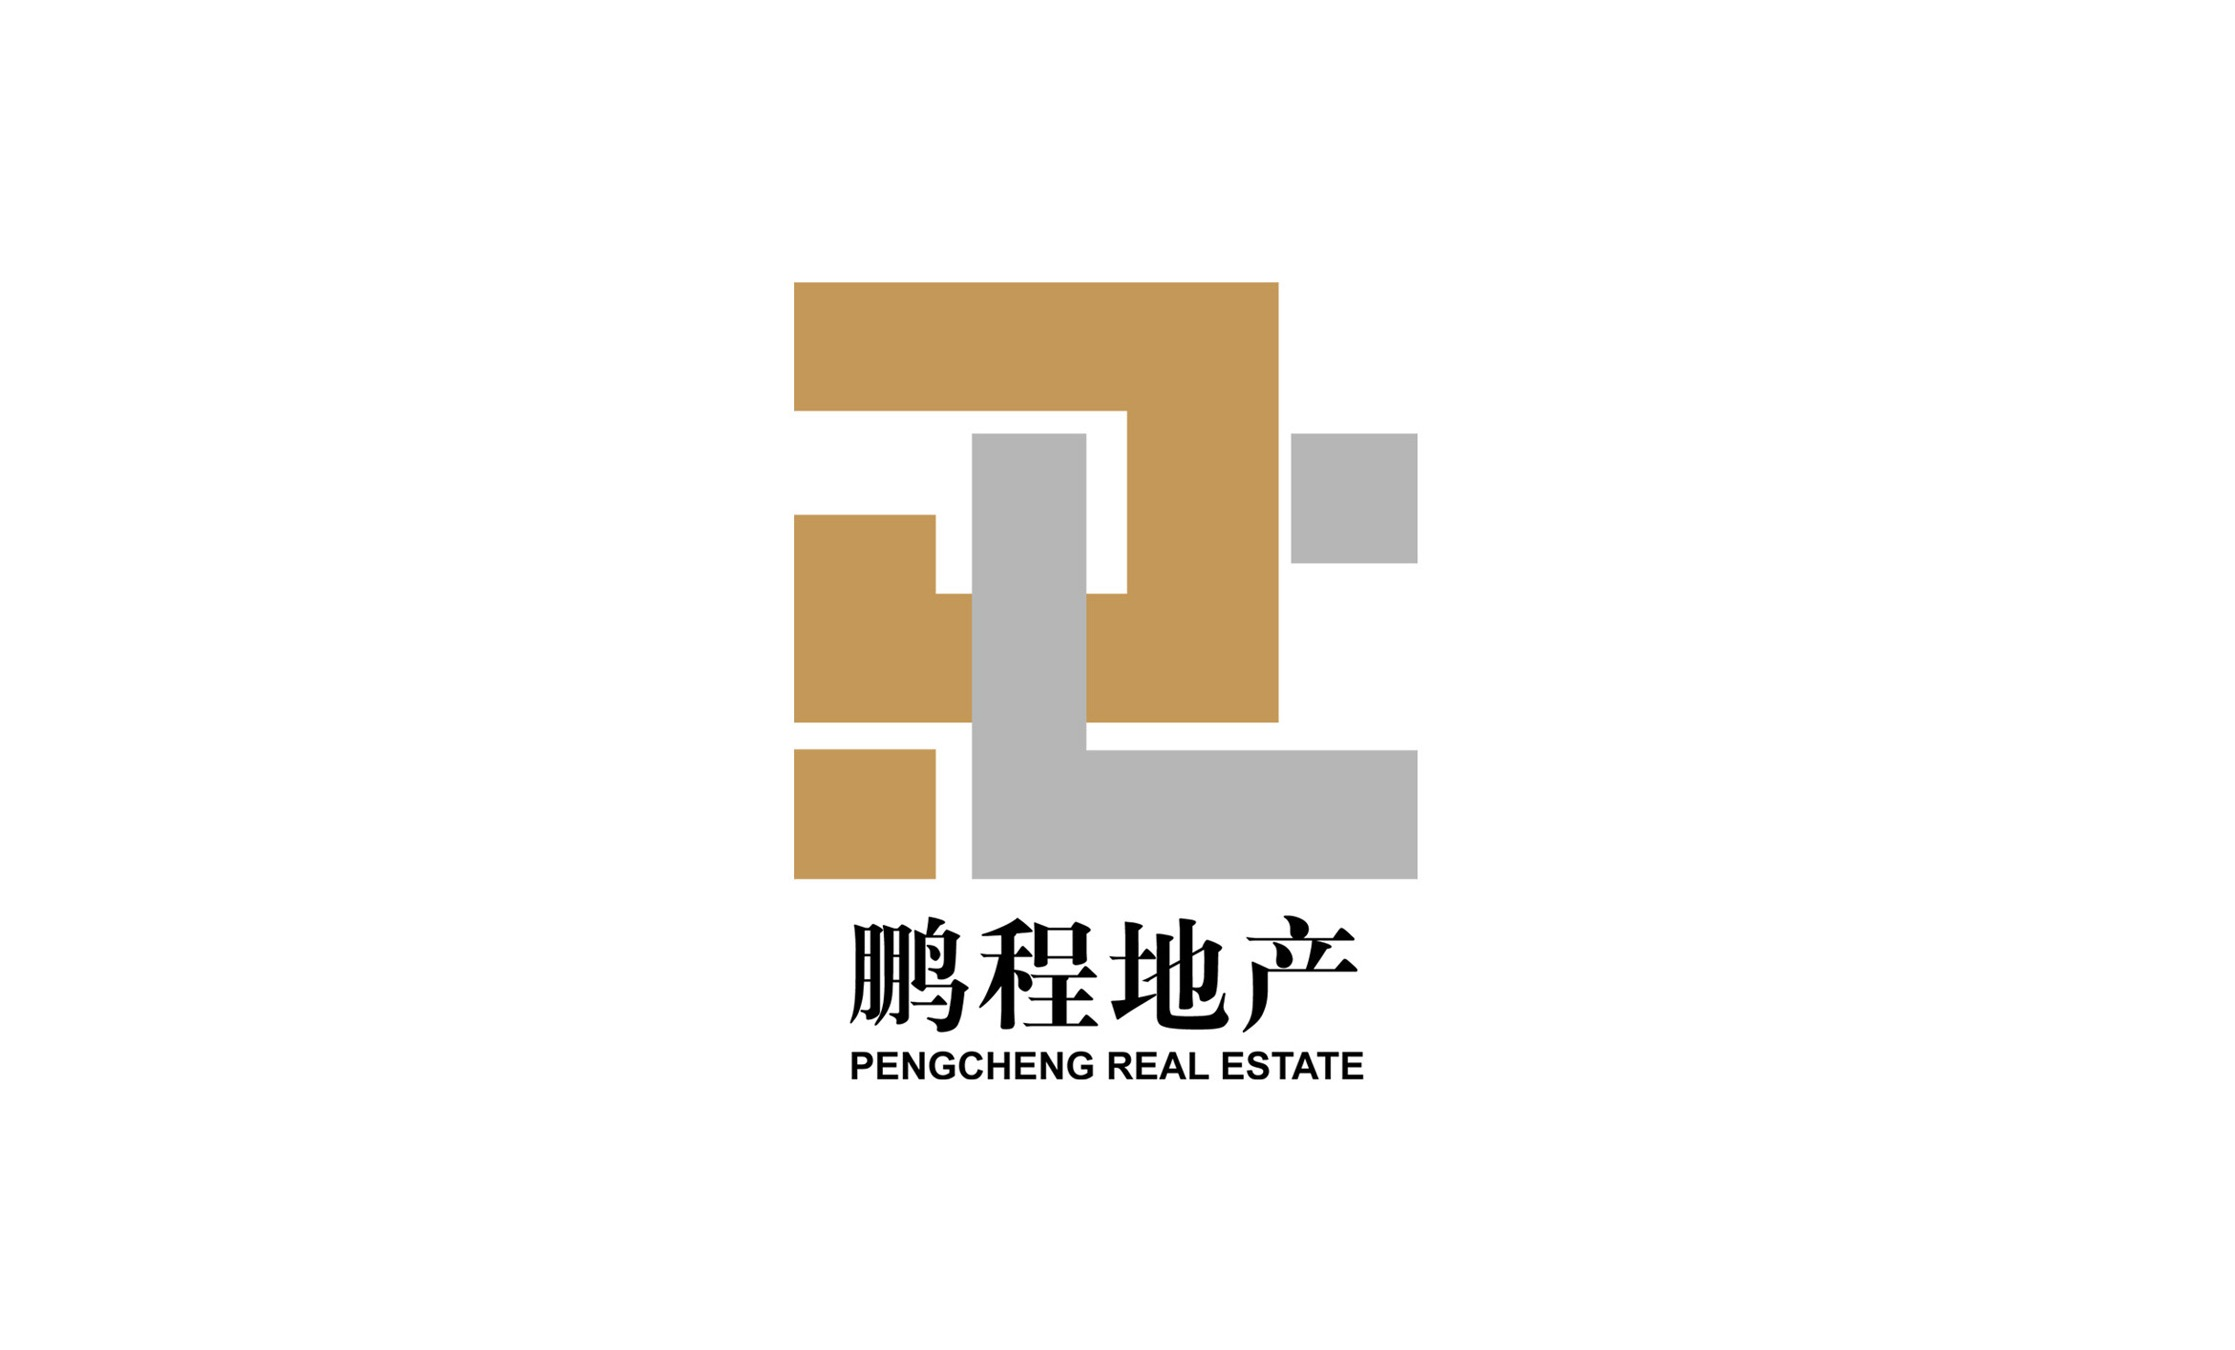 朝阳鹏程房地产开发有限公司